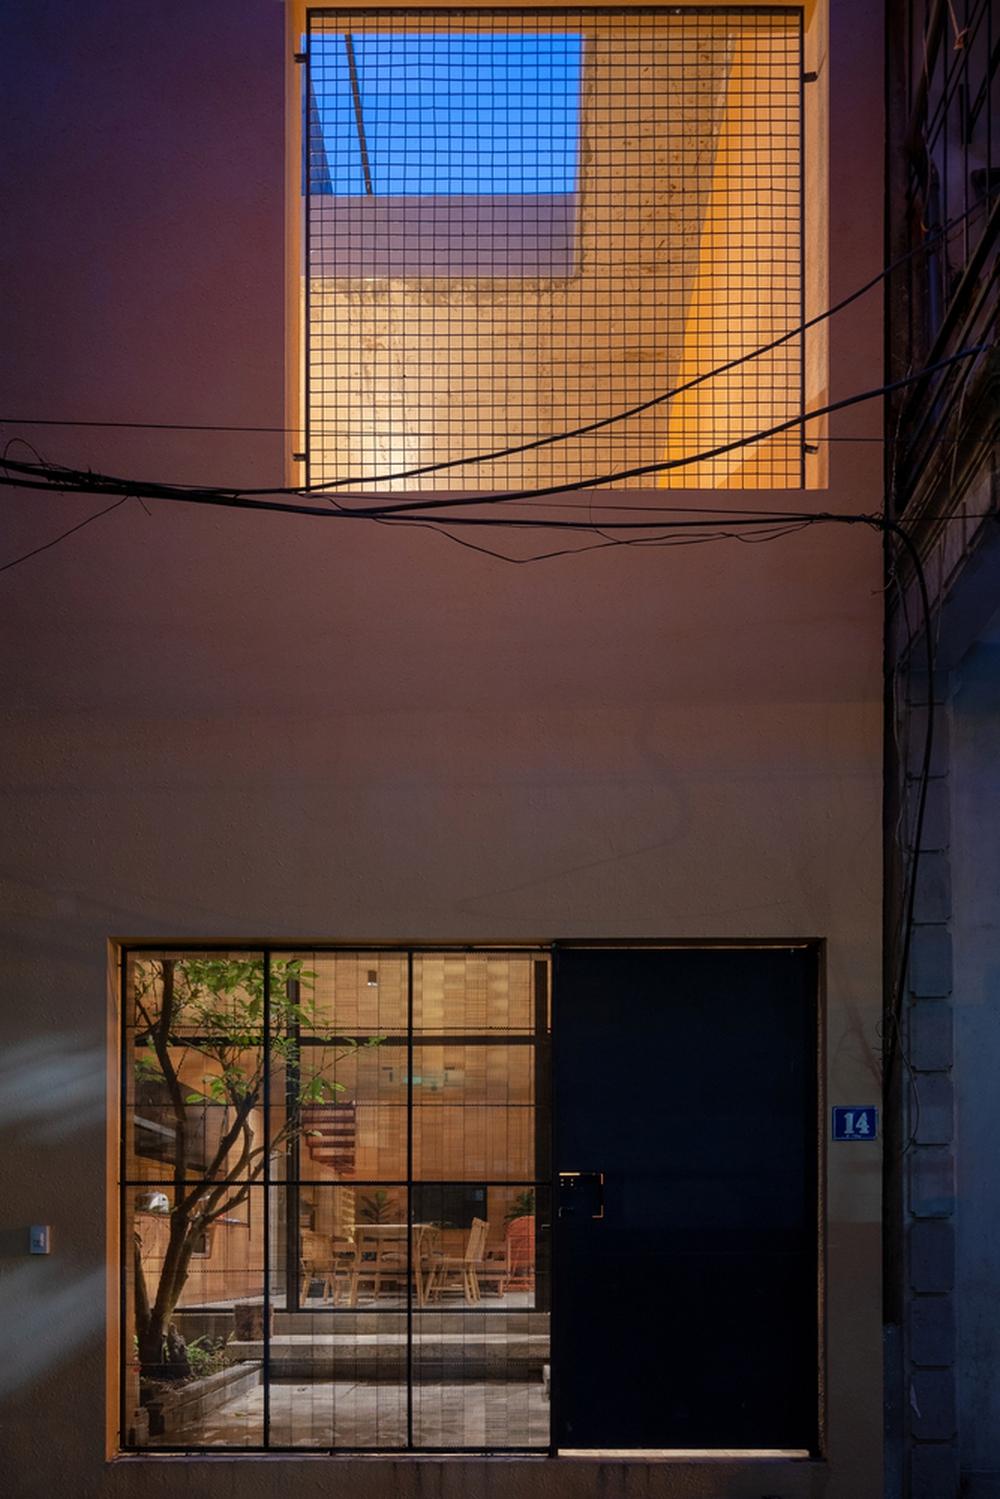 Chiêm ngưỡng ngôi nhà với thiết kế tinh giản đầy mê hoặc ở Trâu Quỳ - Ảnh 3.